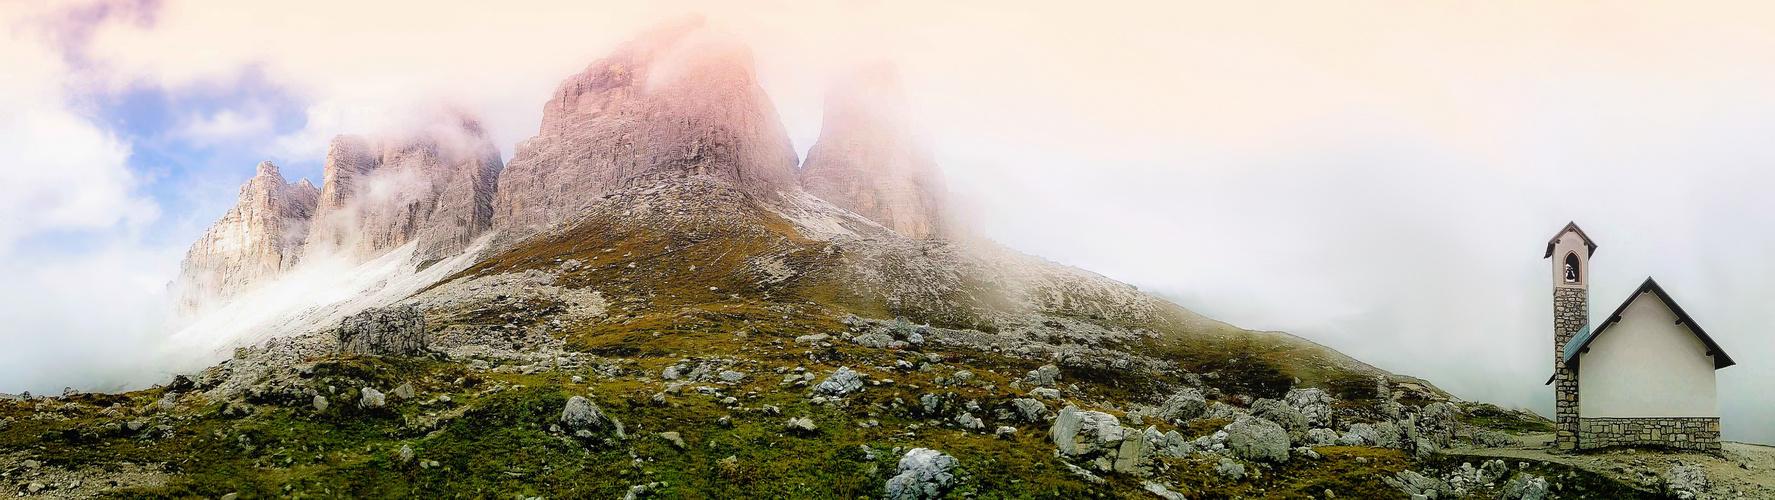 Dolomiten im Nebel